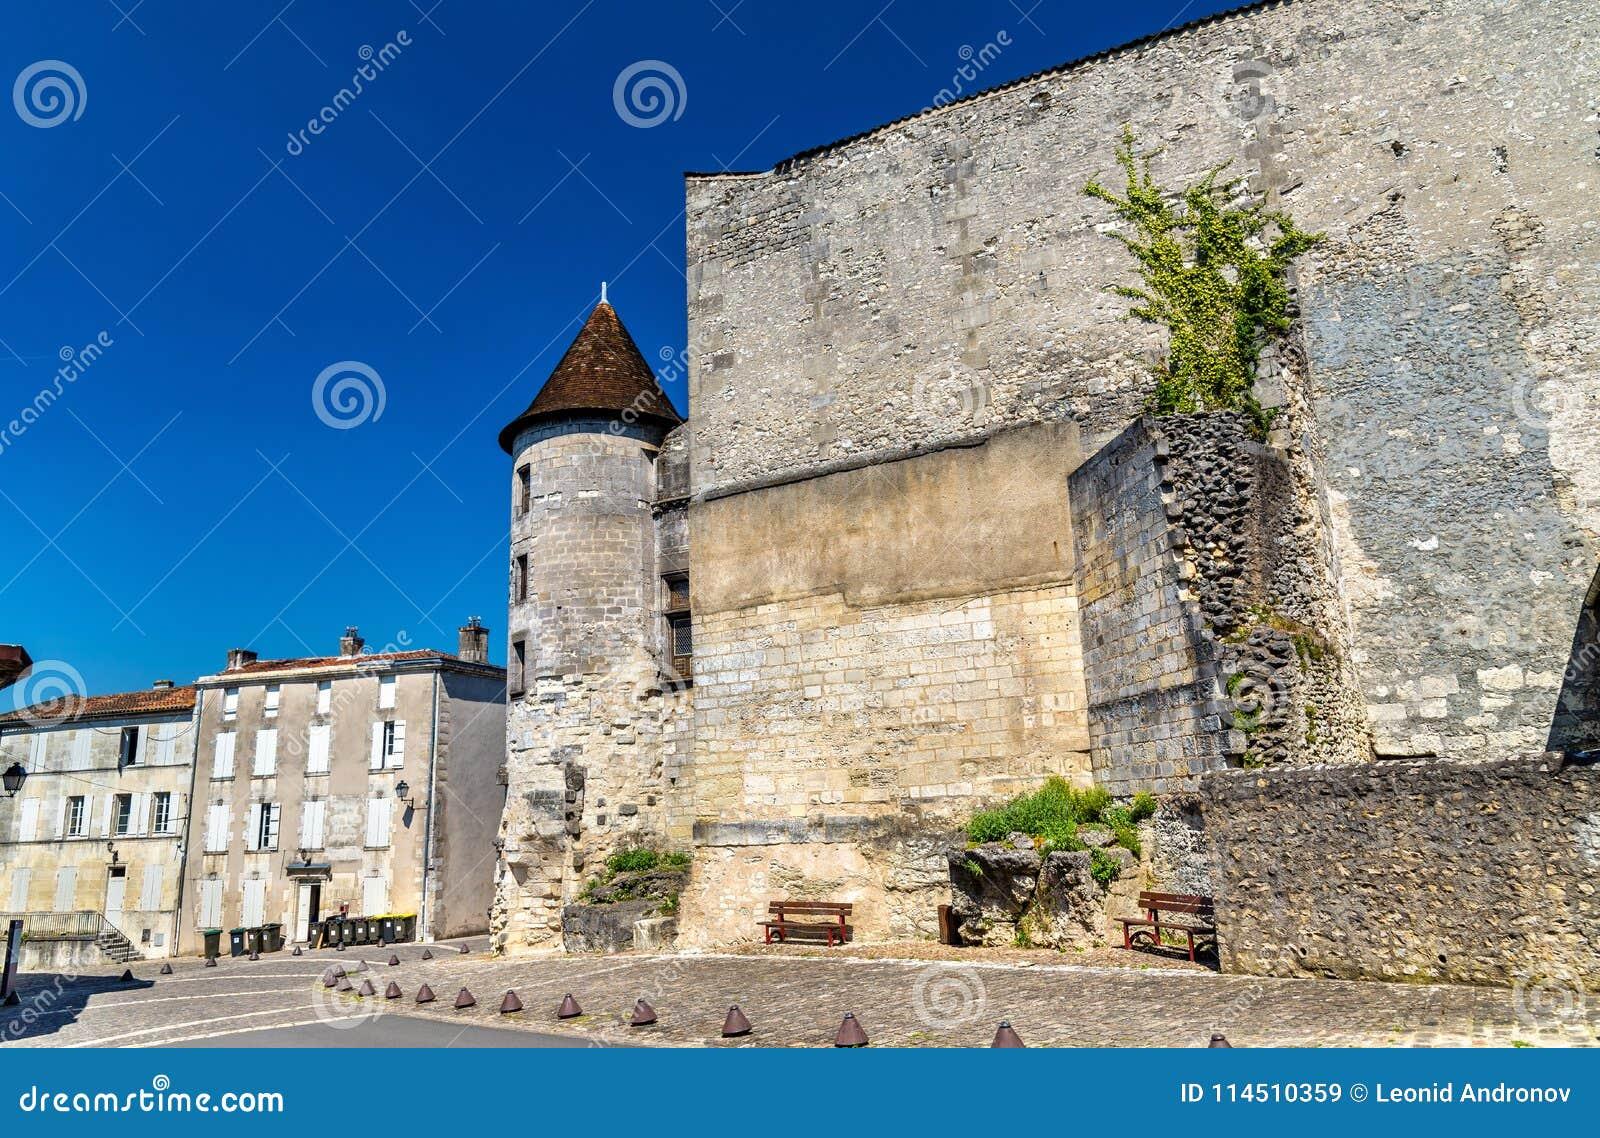 The Chateau des Valois, a medieval castle in Cognac, France